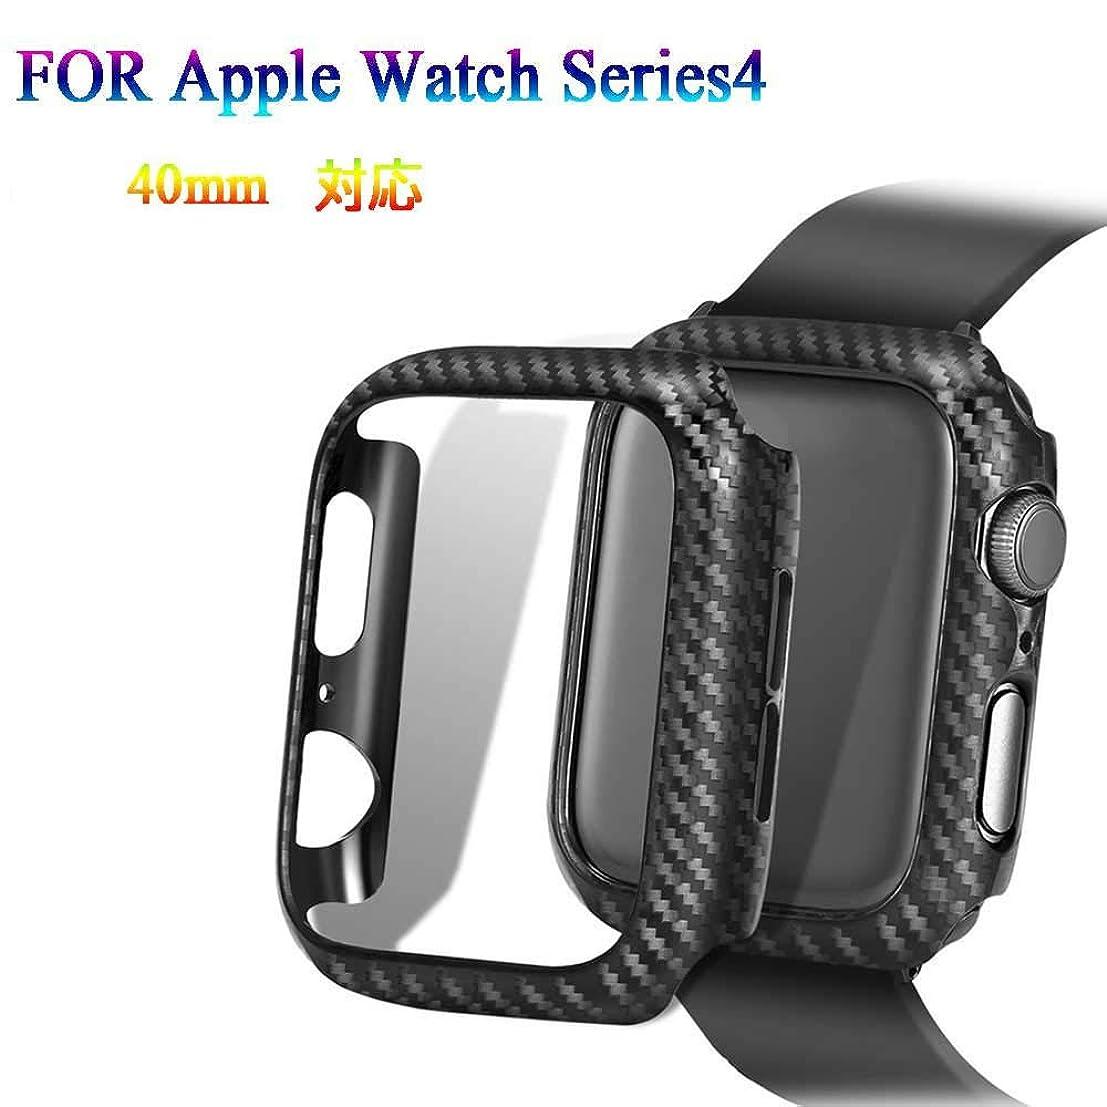 くしゃくしゃ原告救急車Monica-JP Apple Watch Series4ケース フレーム 傷防止 カーボン調 デザインケース 軽量 アップルウォッチケース 超軽量 高強度 PC素材40mm